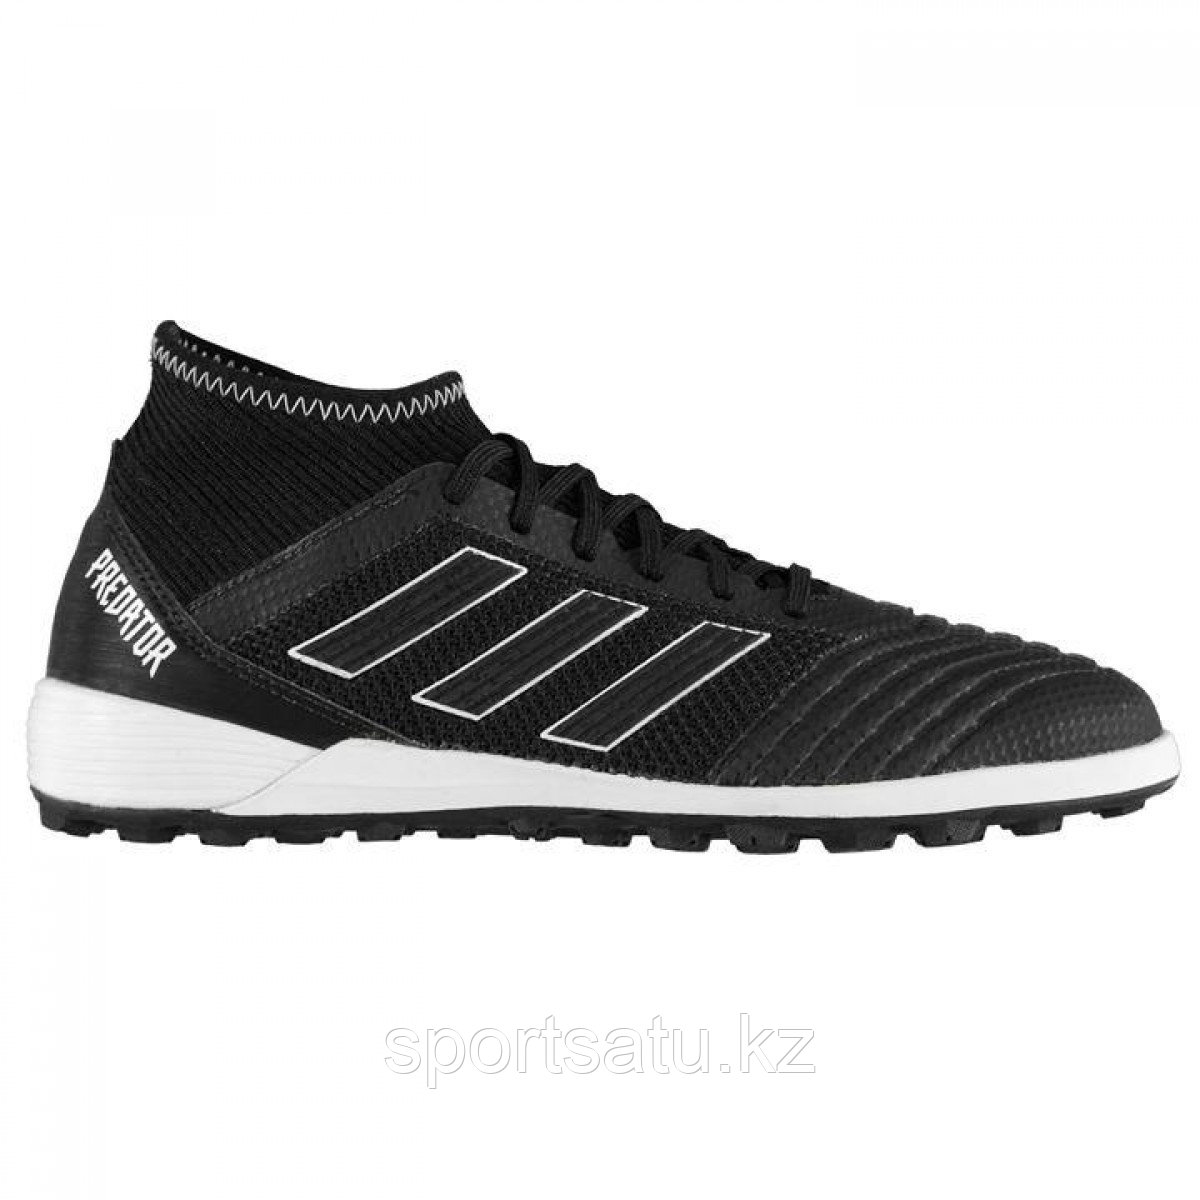 Футбольные сороконожки Adidas Predator 18.3